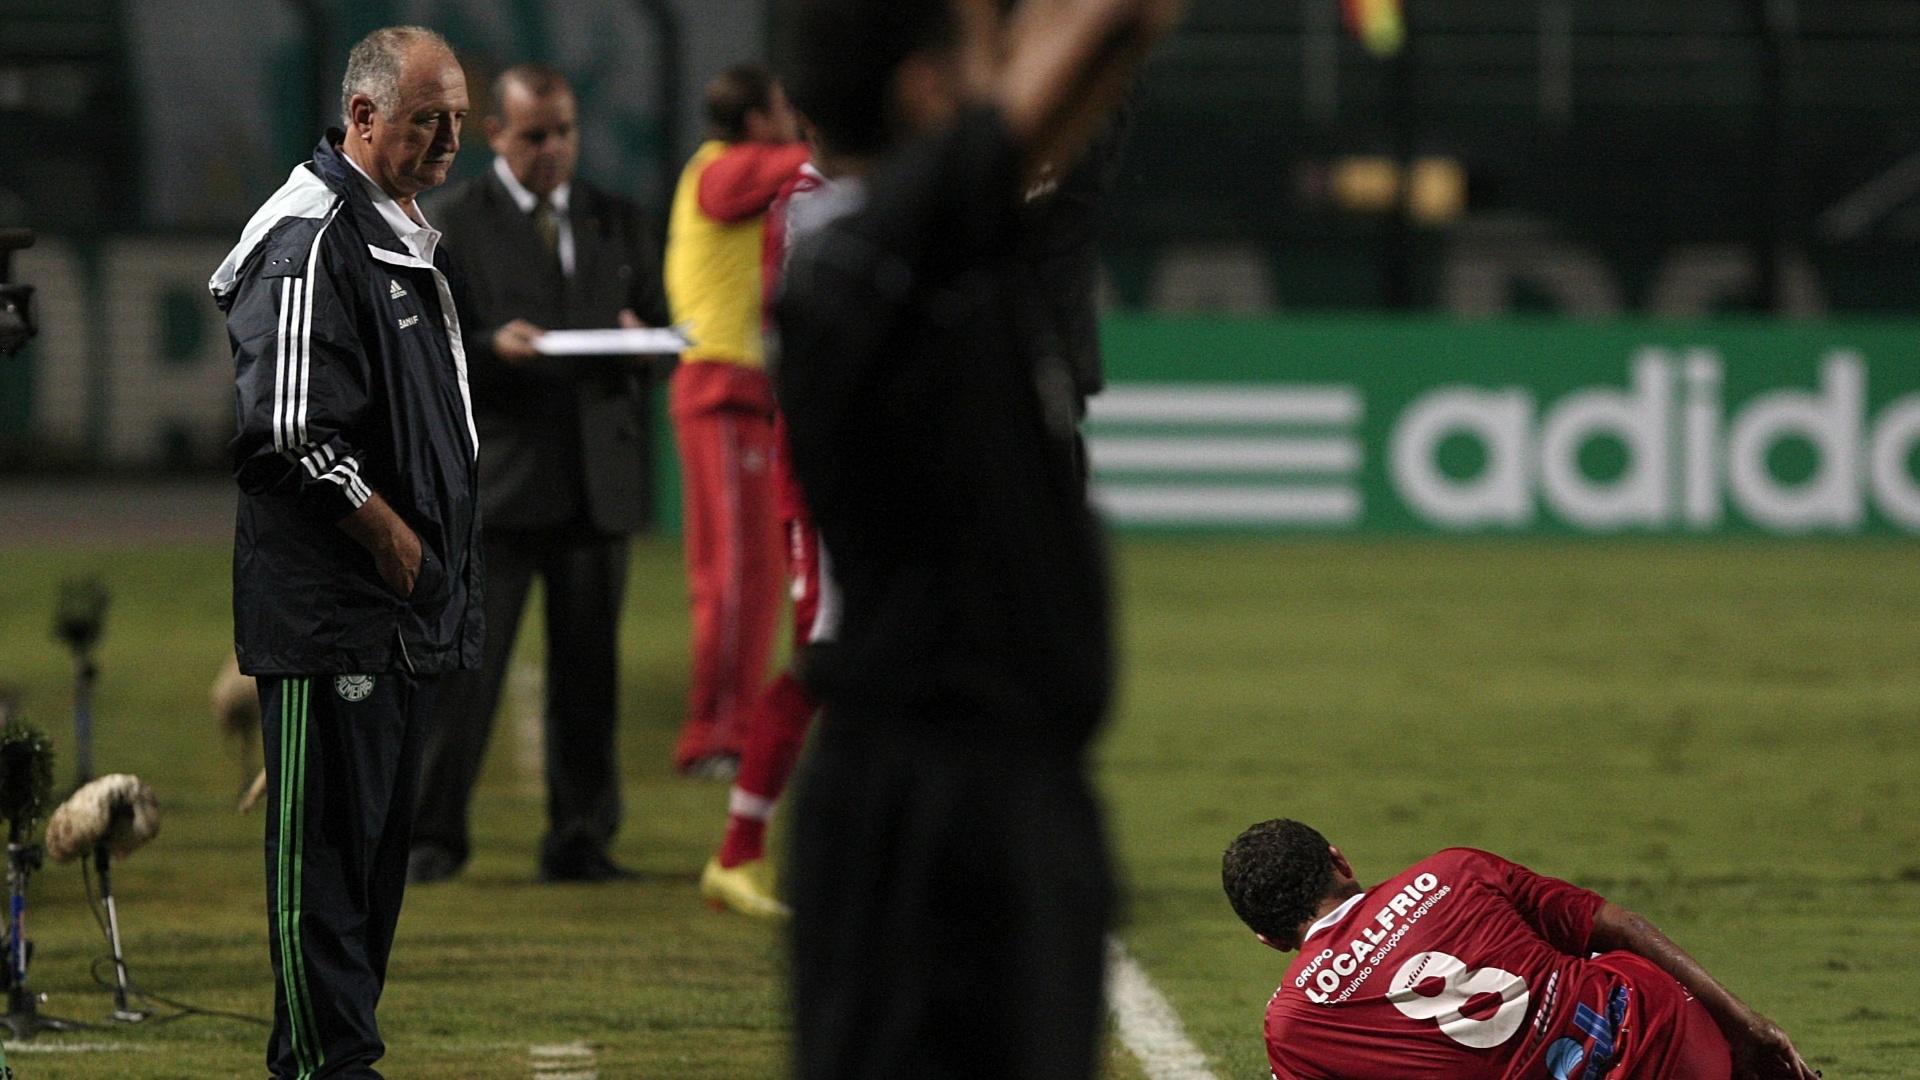 Felipão observa jogador do Mogi Mirim caído na partida entre Palmeiras e Mogi Mirim, no Pacaembu